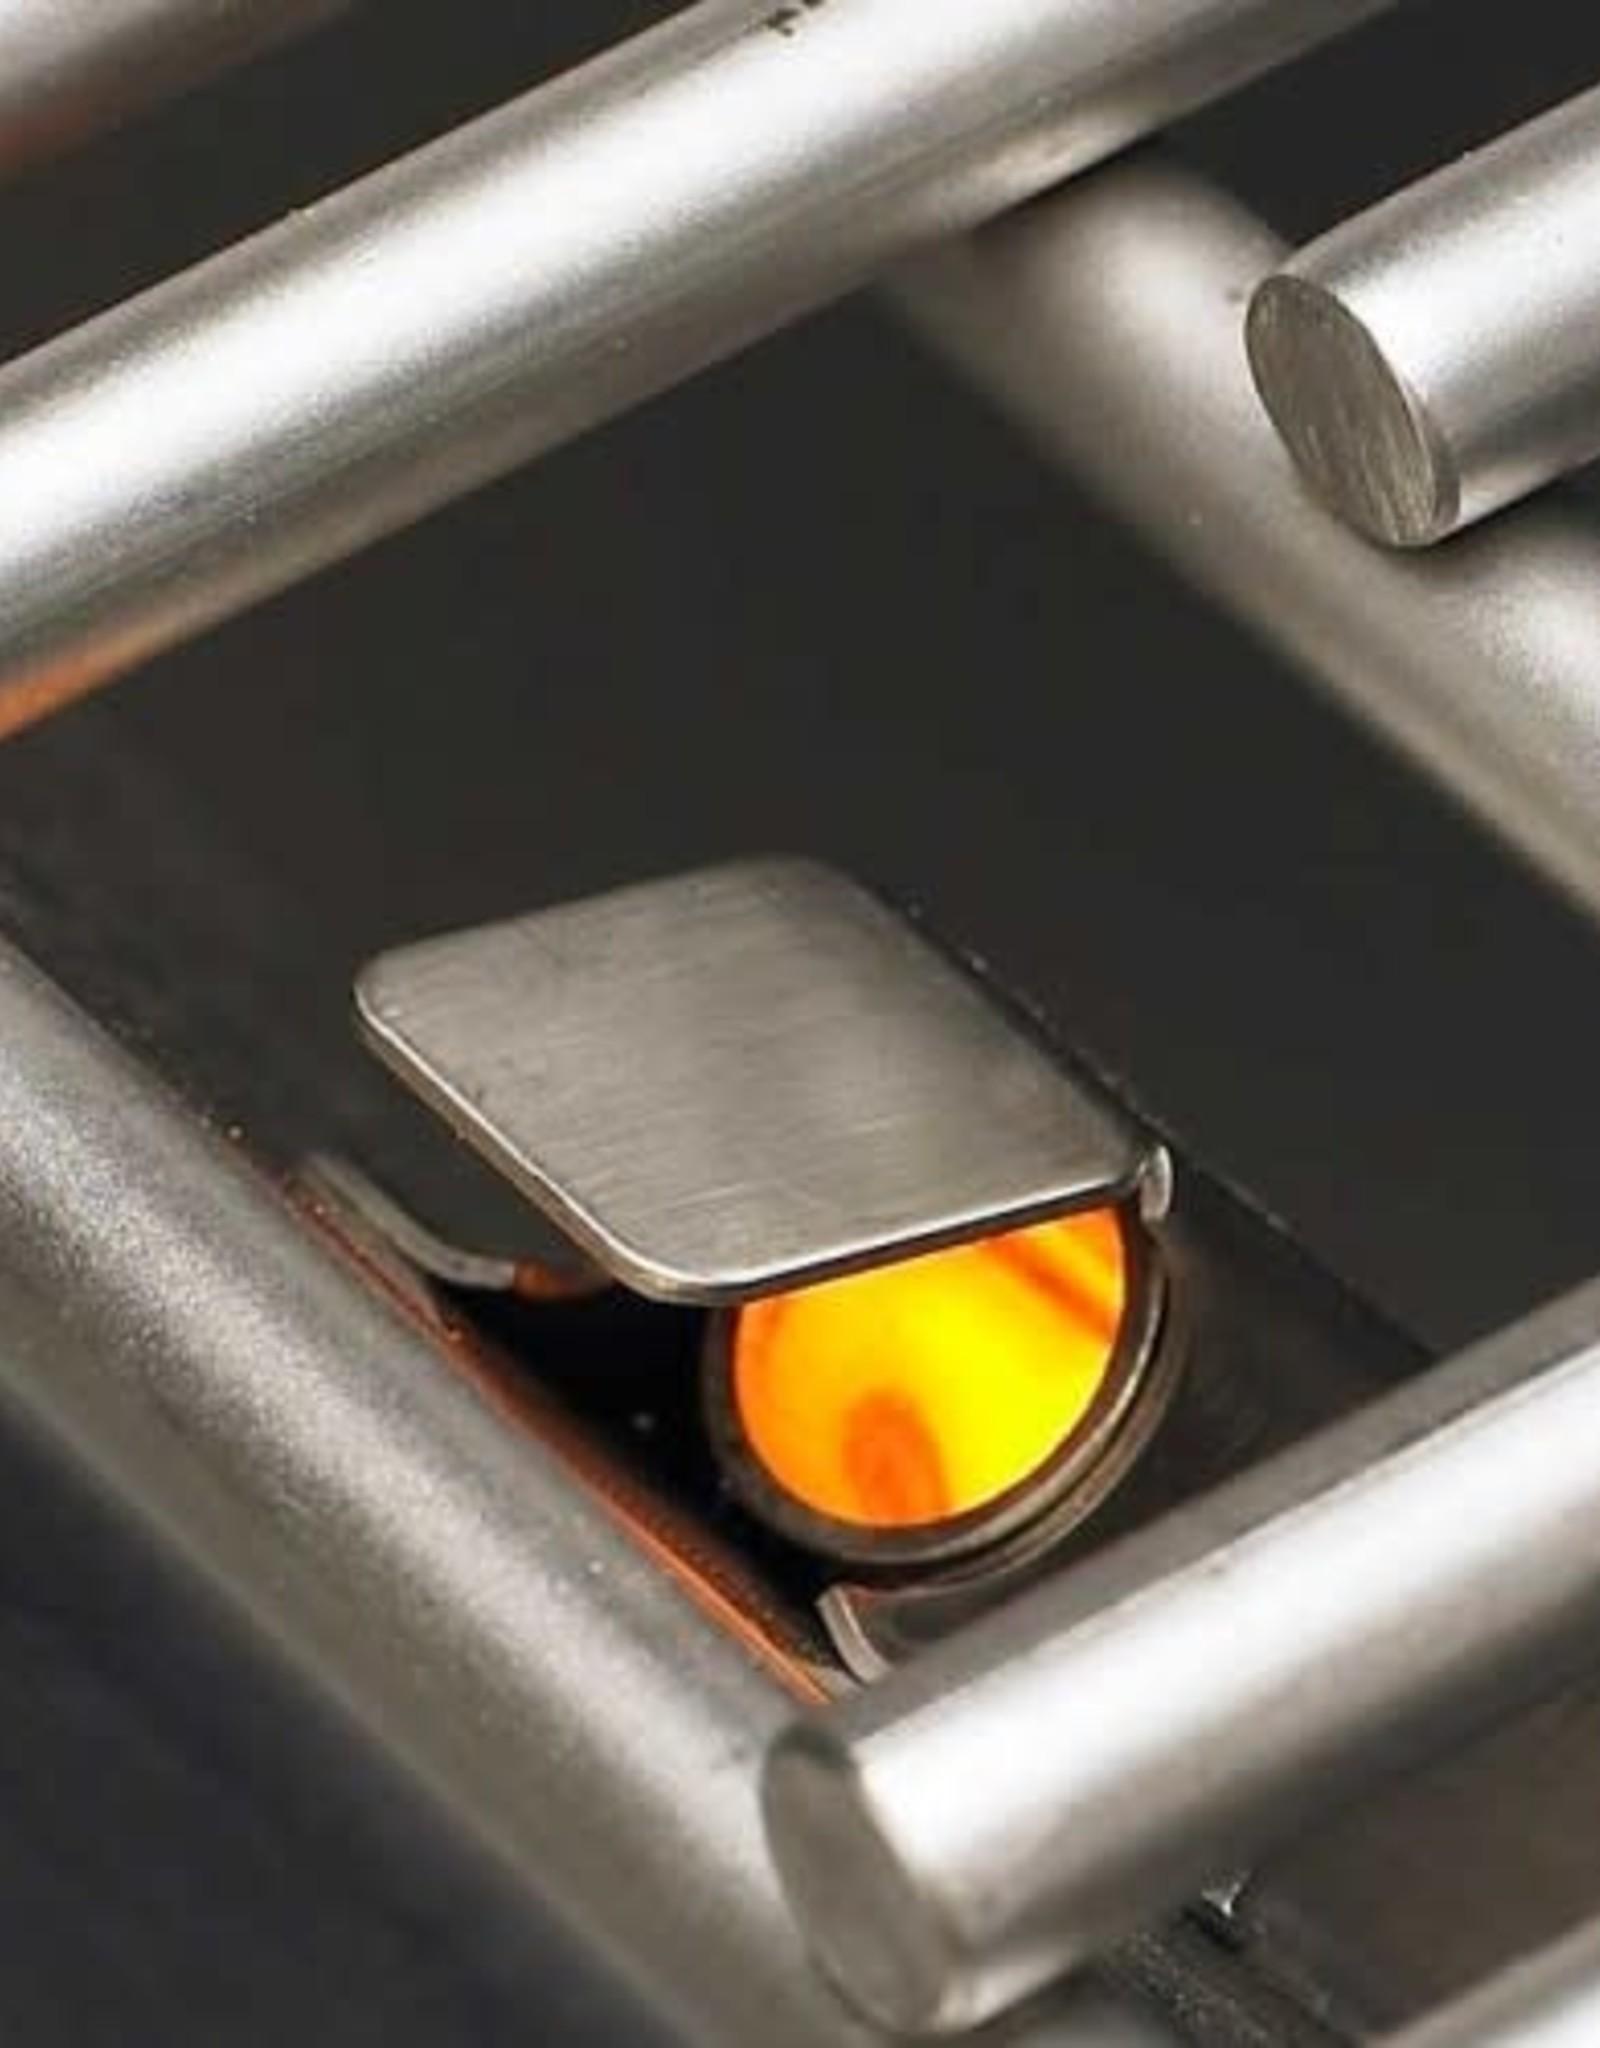 Fire Magic Fire Magic - Echelon Diamond E790s 36-inch Portable Grill with Single Side Burner (Digital)